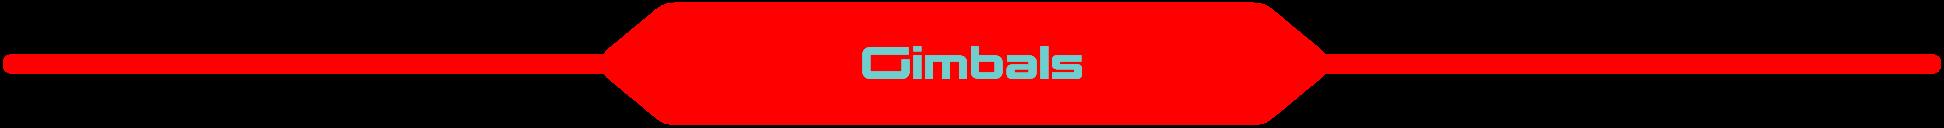 Gimbals